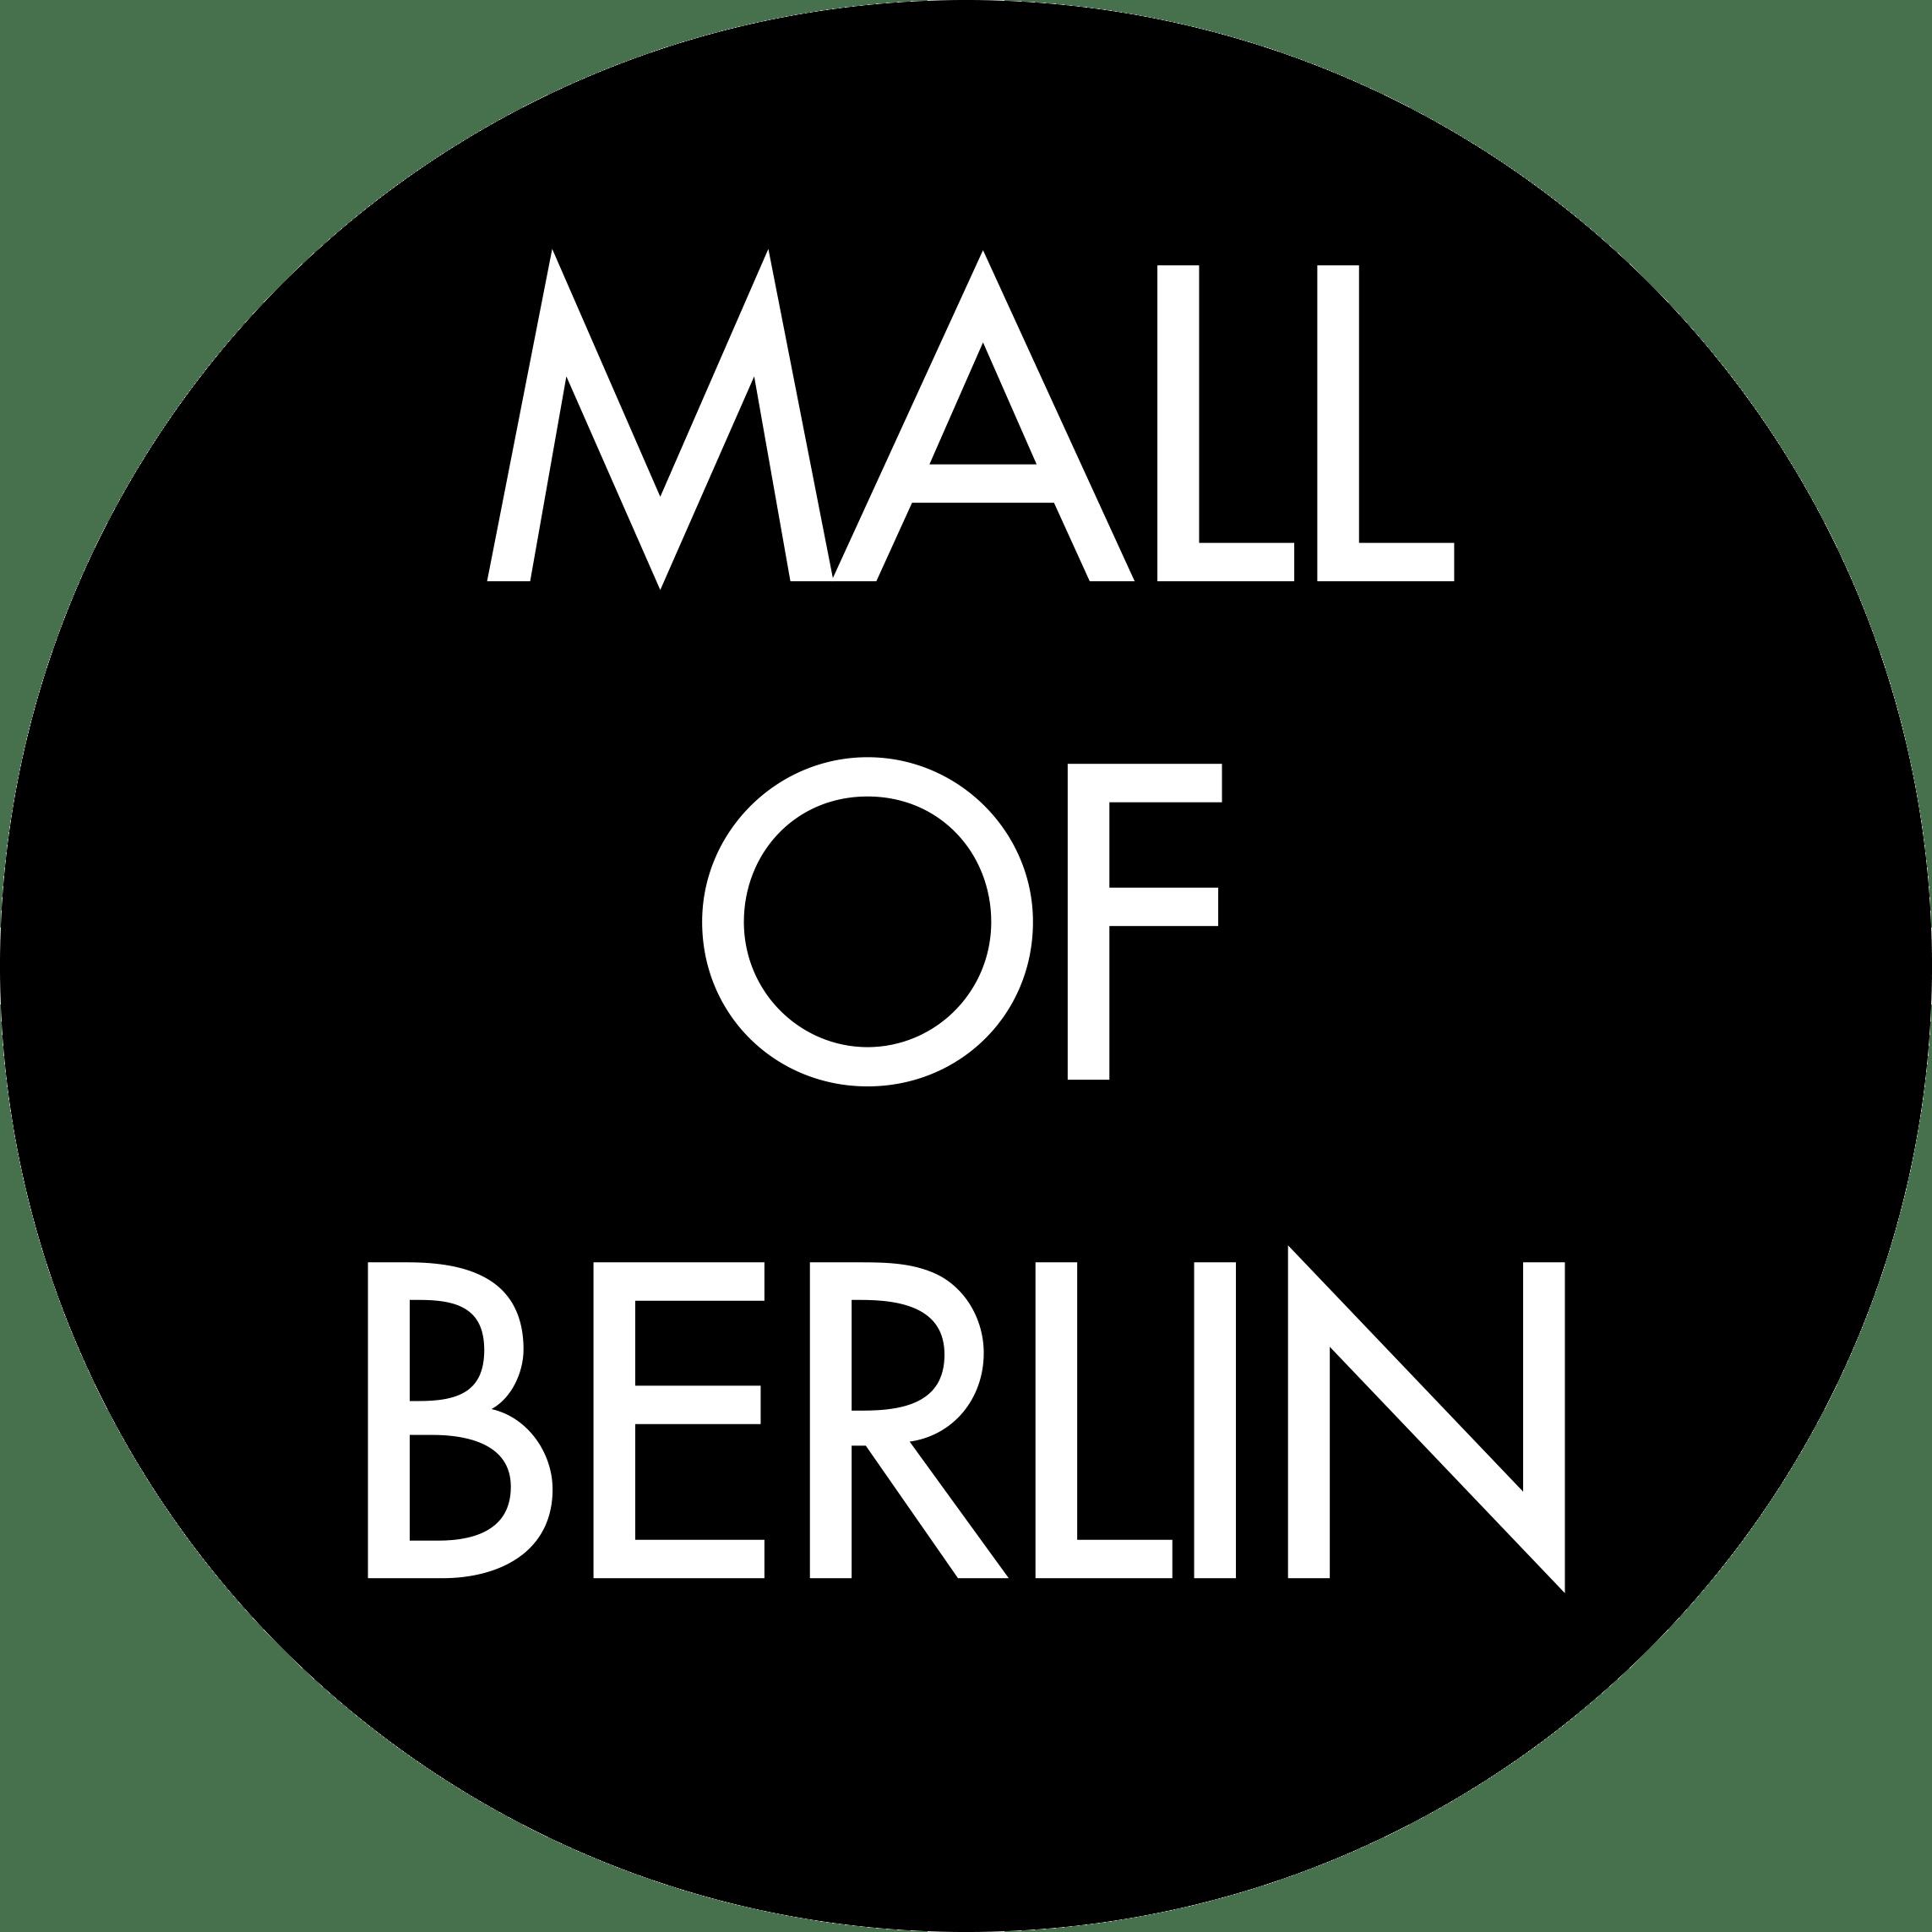 logo mall of berlin